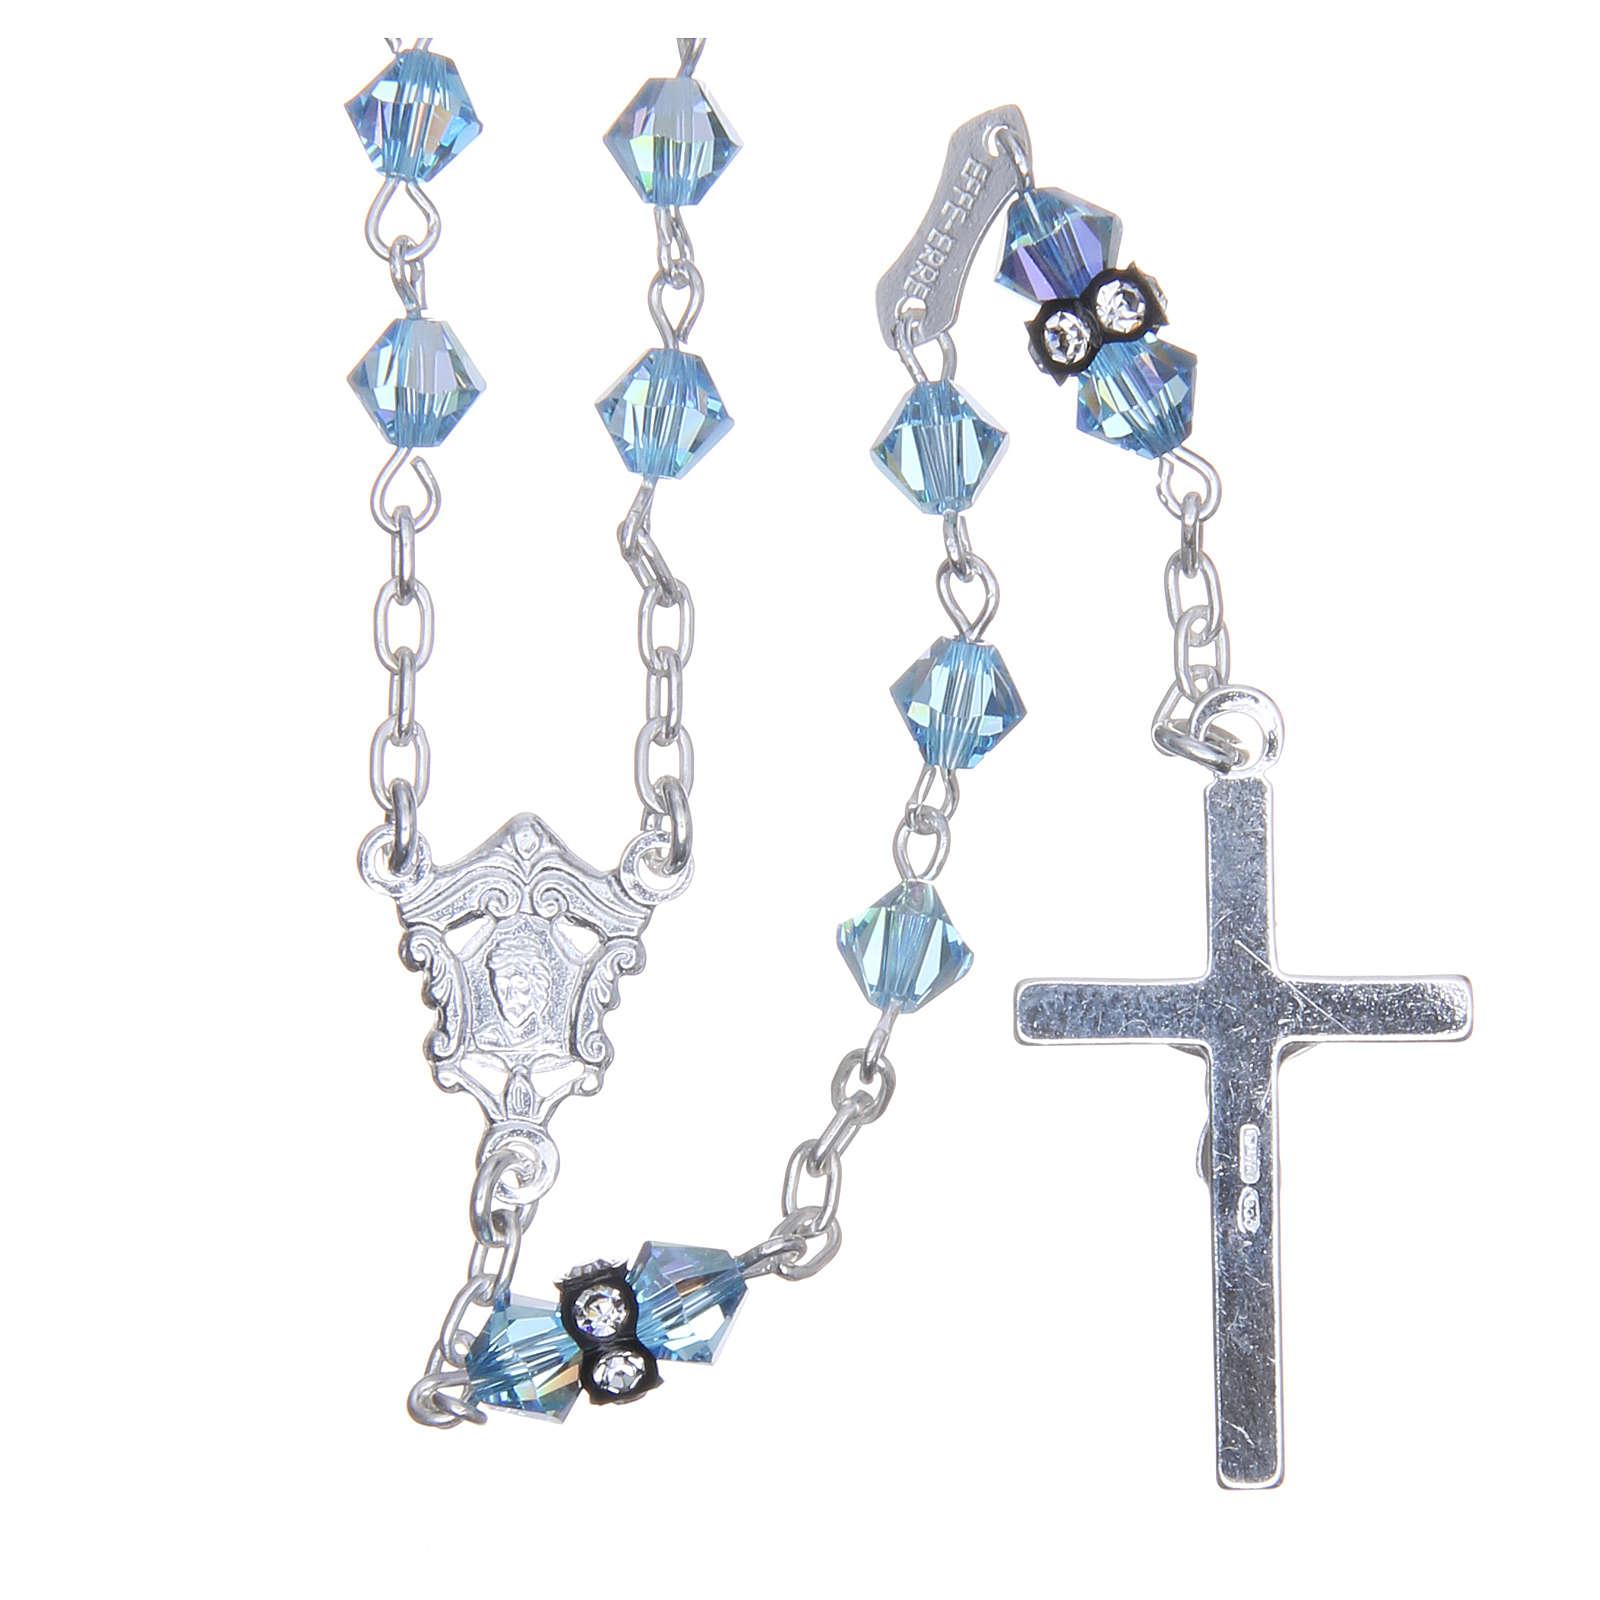 Chapelet argent 925 pater cristal Swarovski 5 mm bleu ciel 4